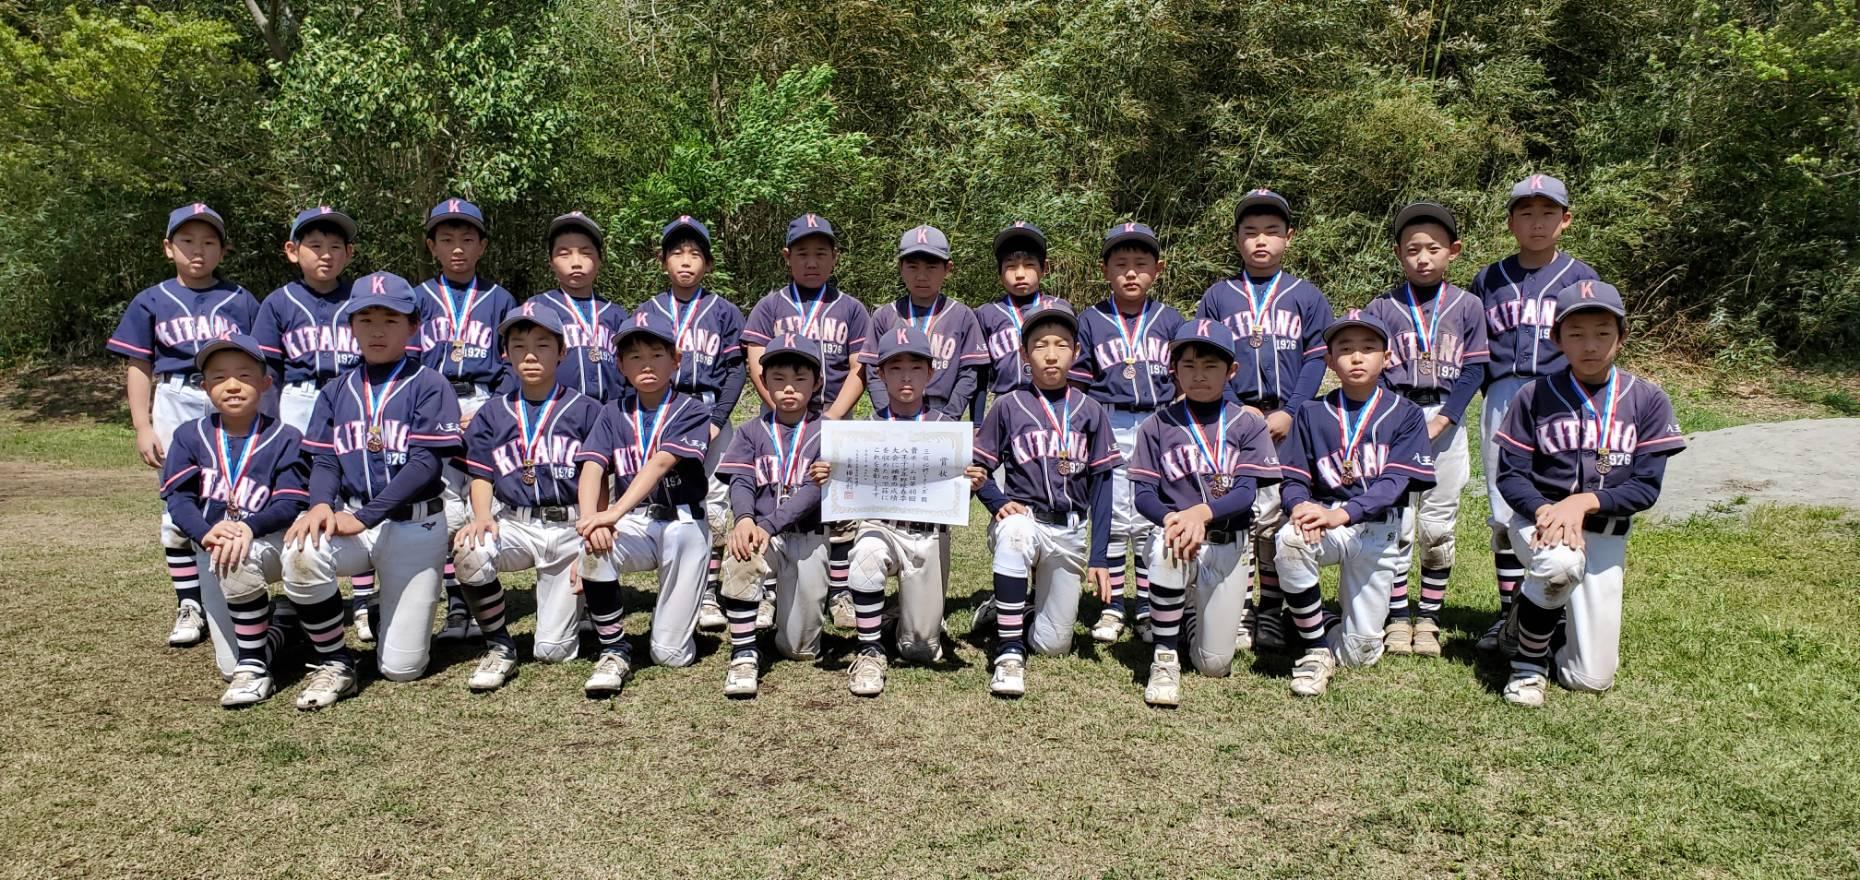 第46回 八王子市少年軟式野球・春季大会 第三位 北野バイオレンズ 令和3年4月18日